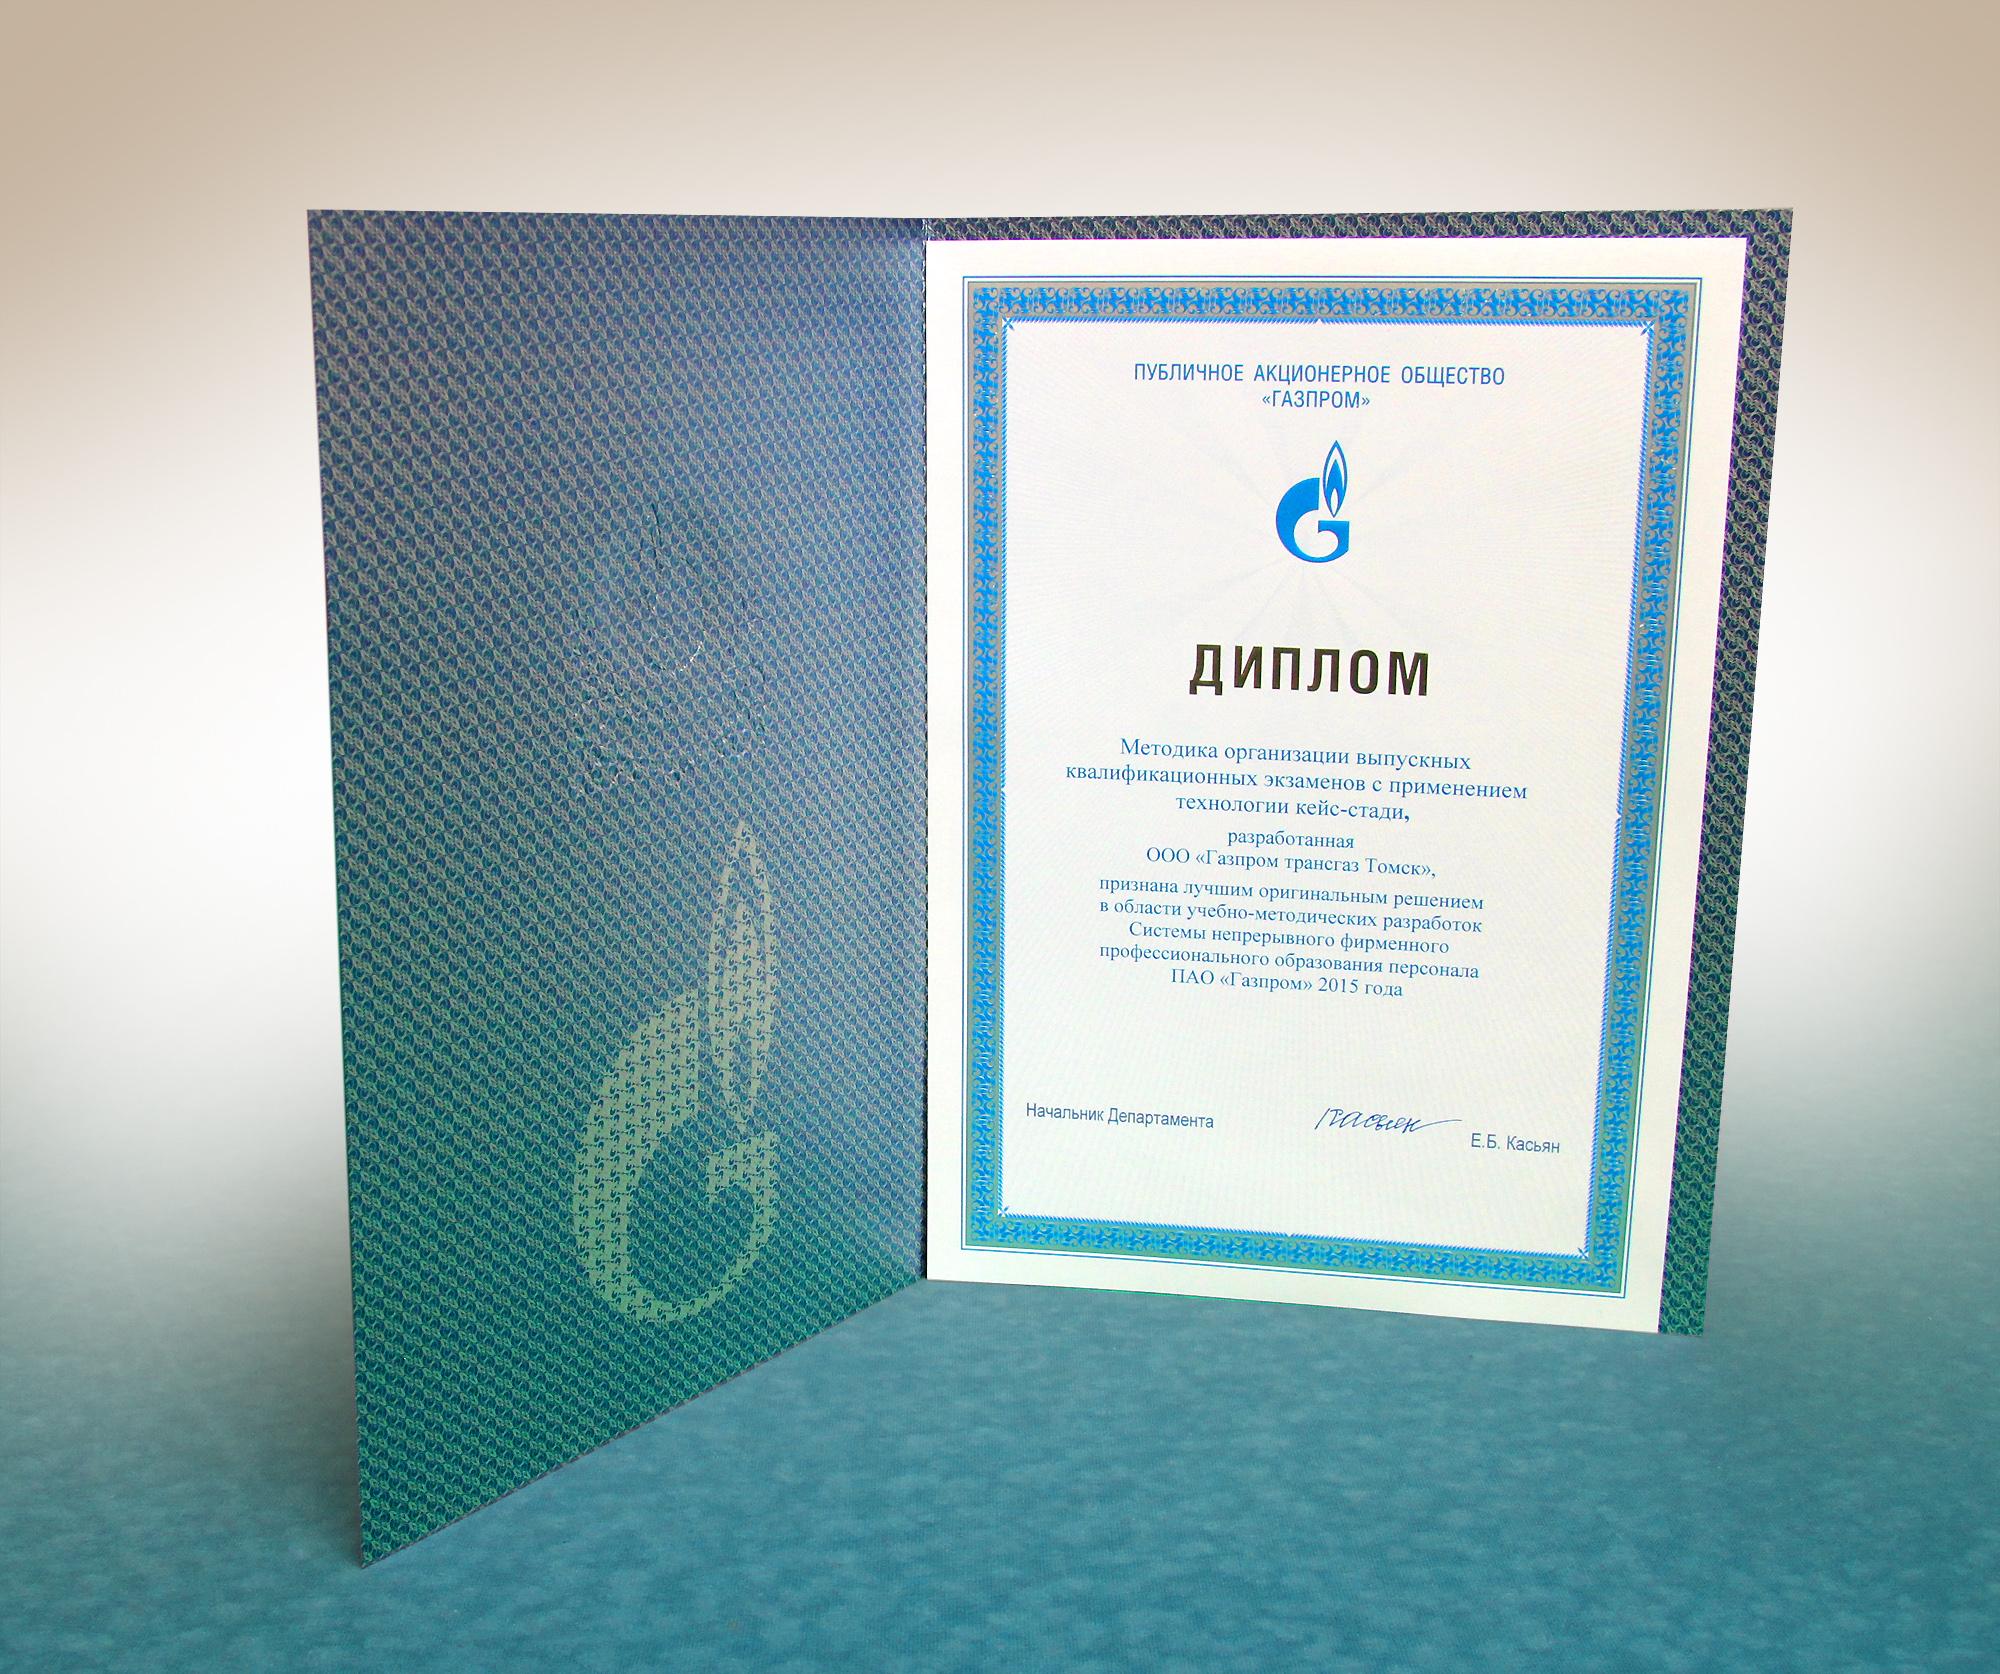 всего пространство сертификат газпром картинки сегодня